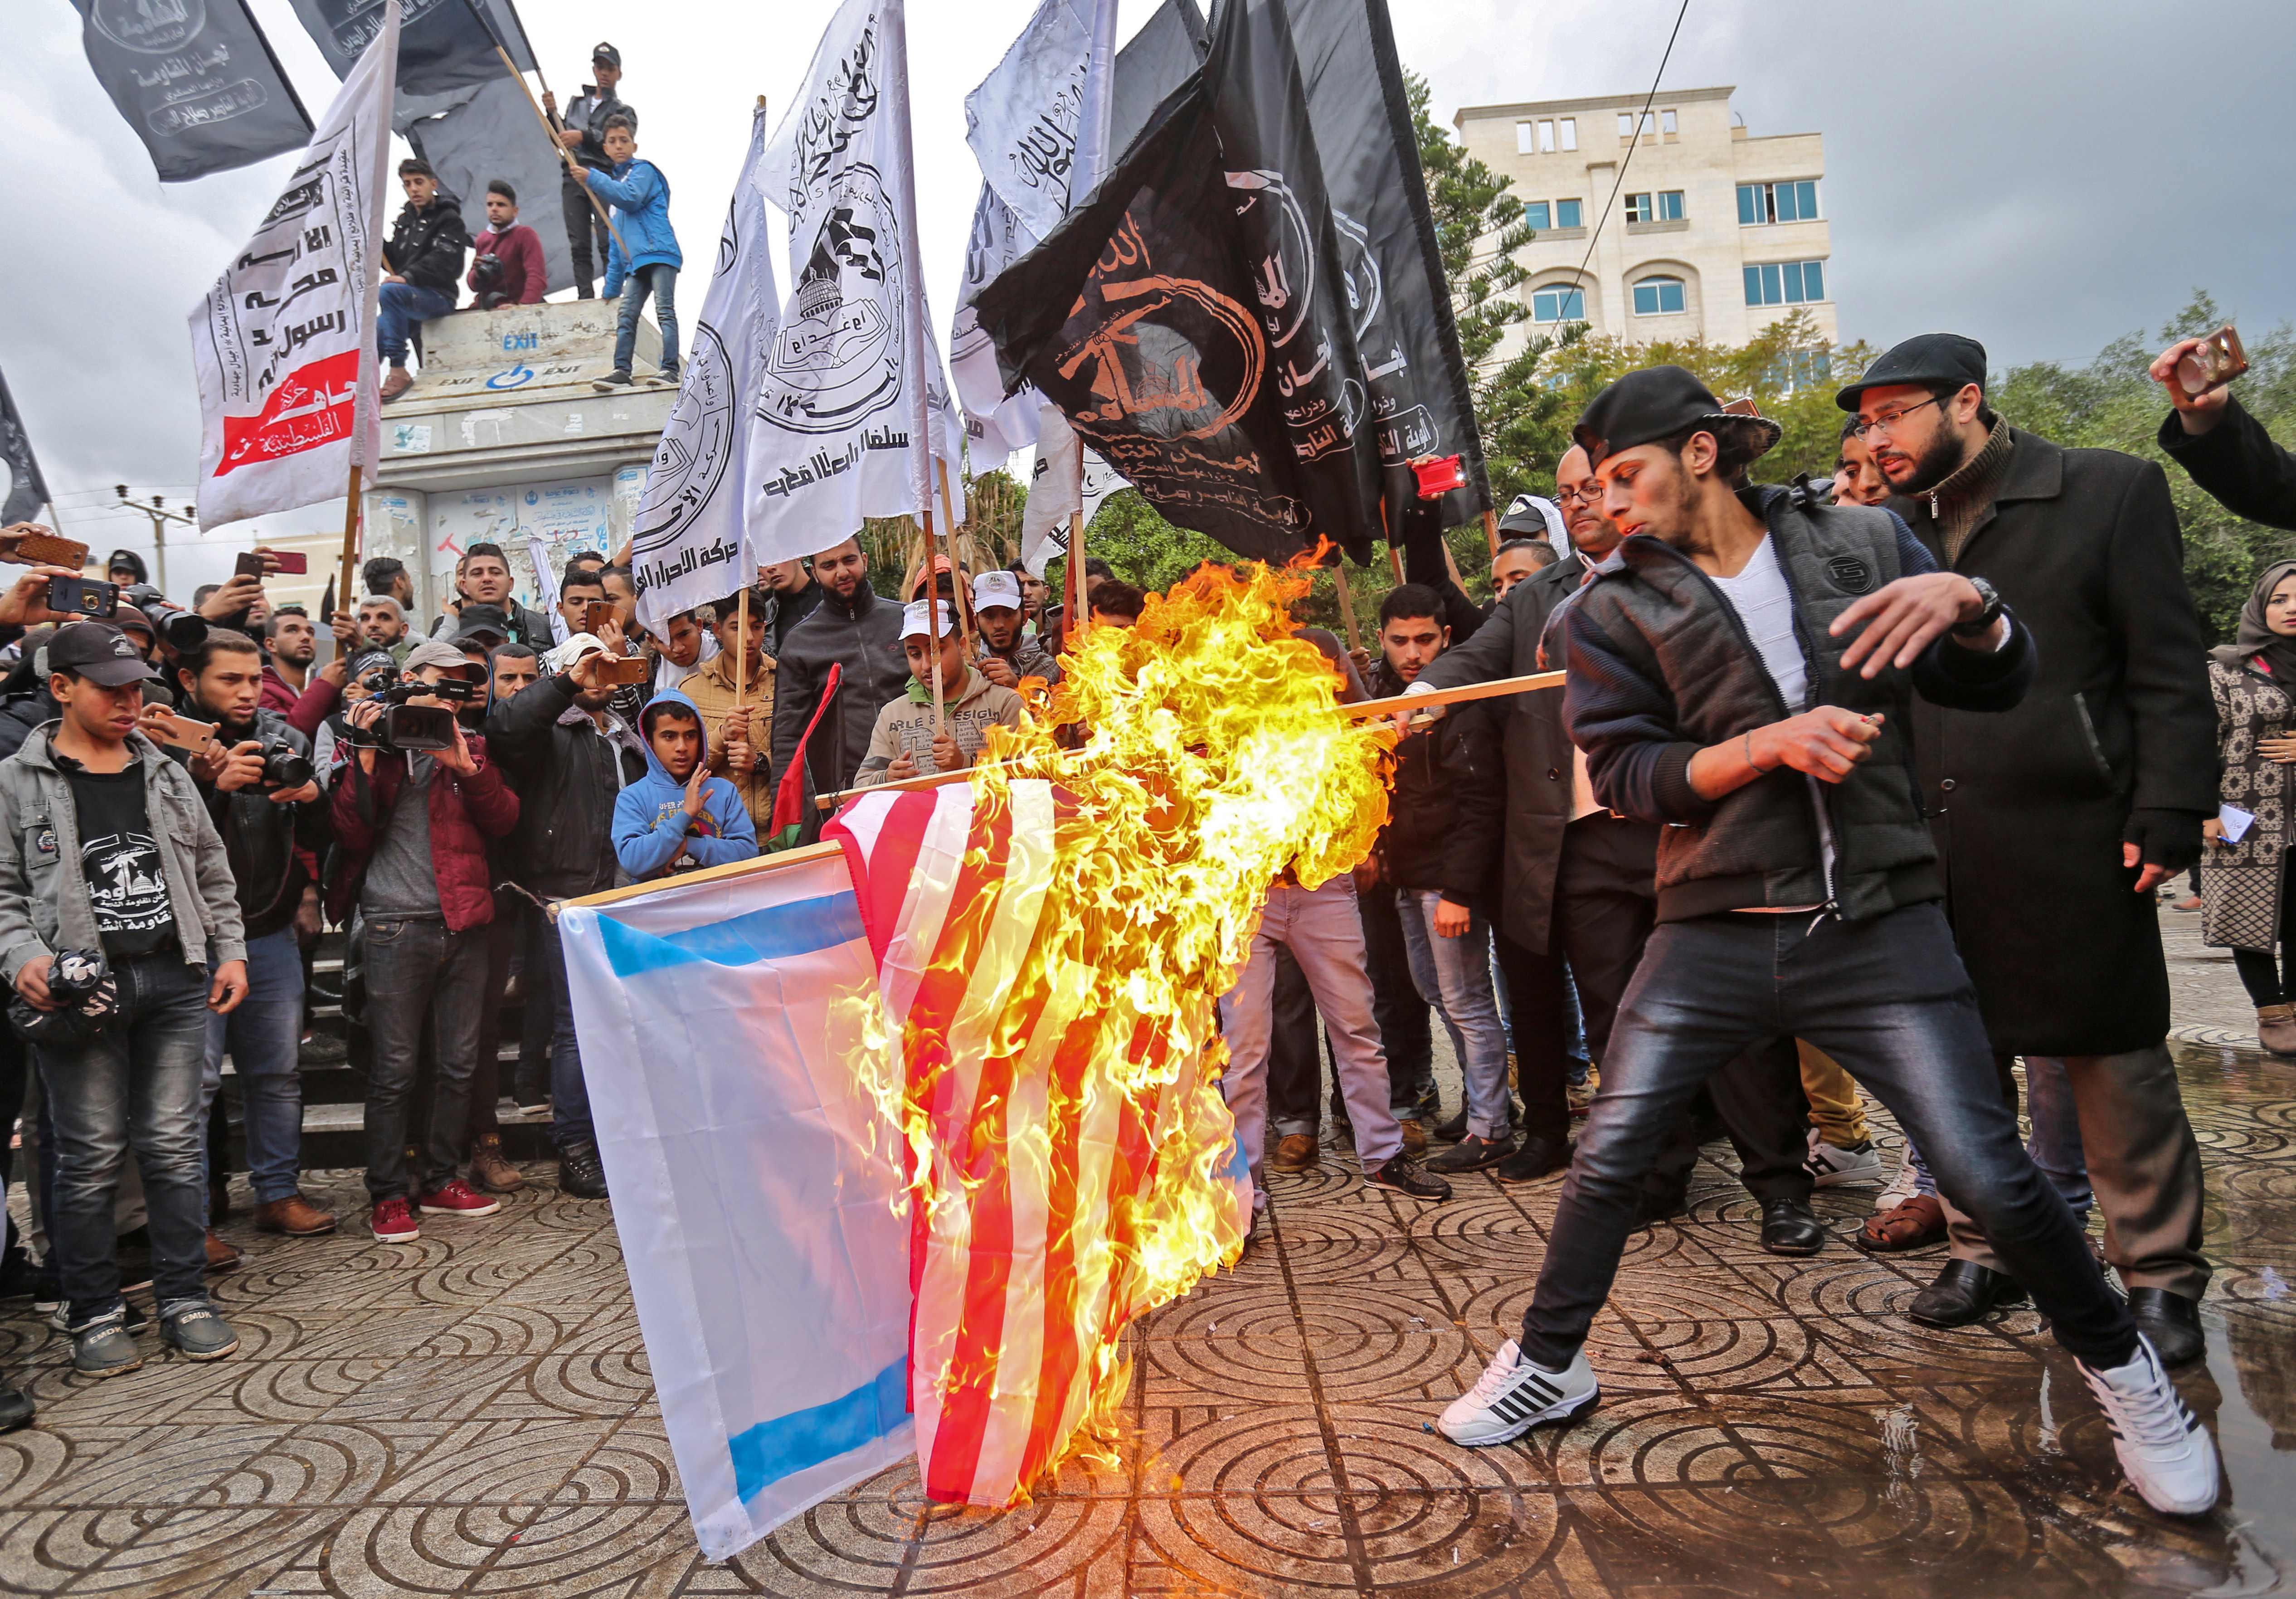 حرق العلم الأمريكى والإسرائيلى